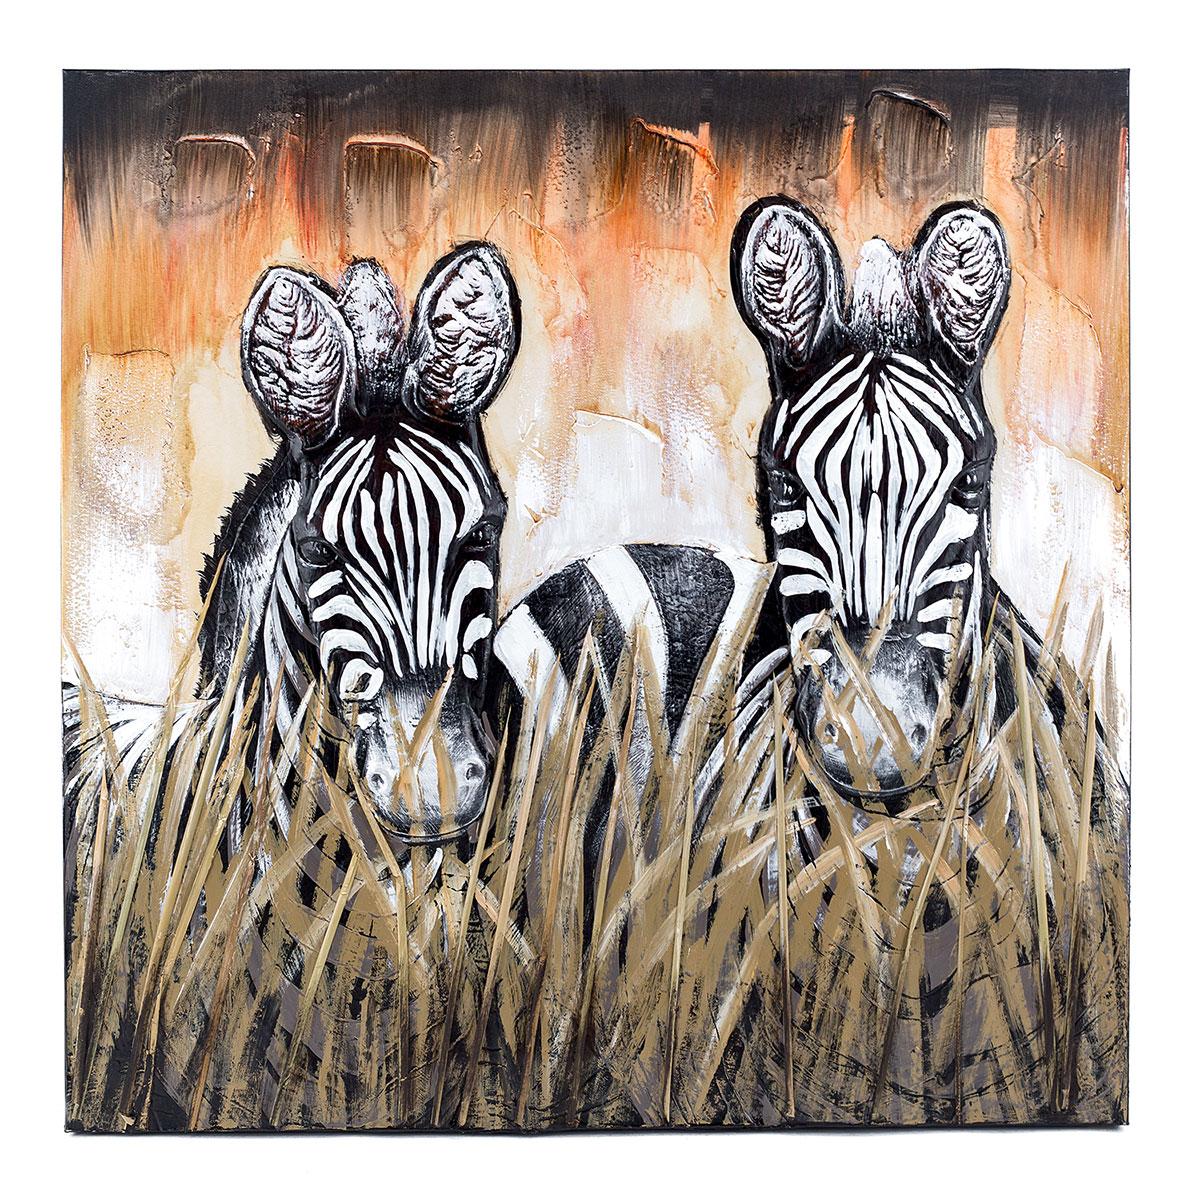 Wandbild Zebra, Wanddekoration, Raumdekoration, Leinwandbild ...